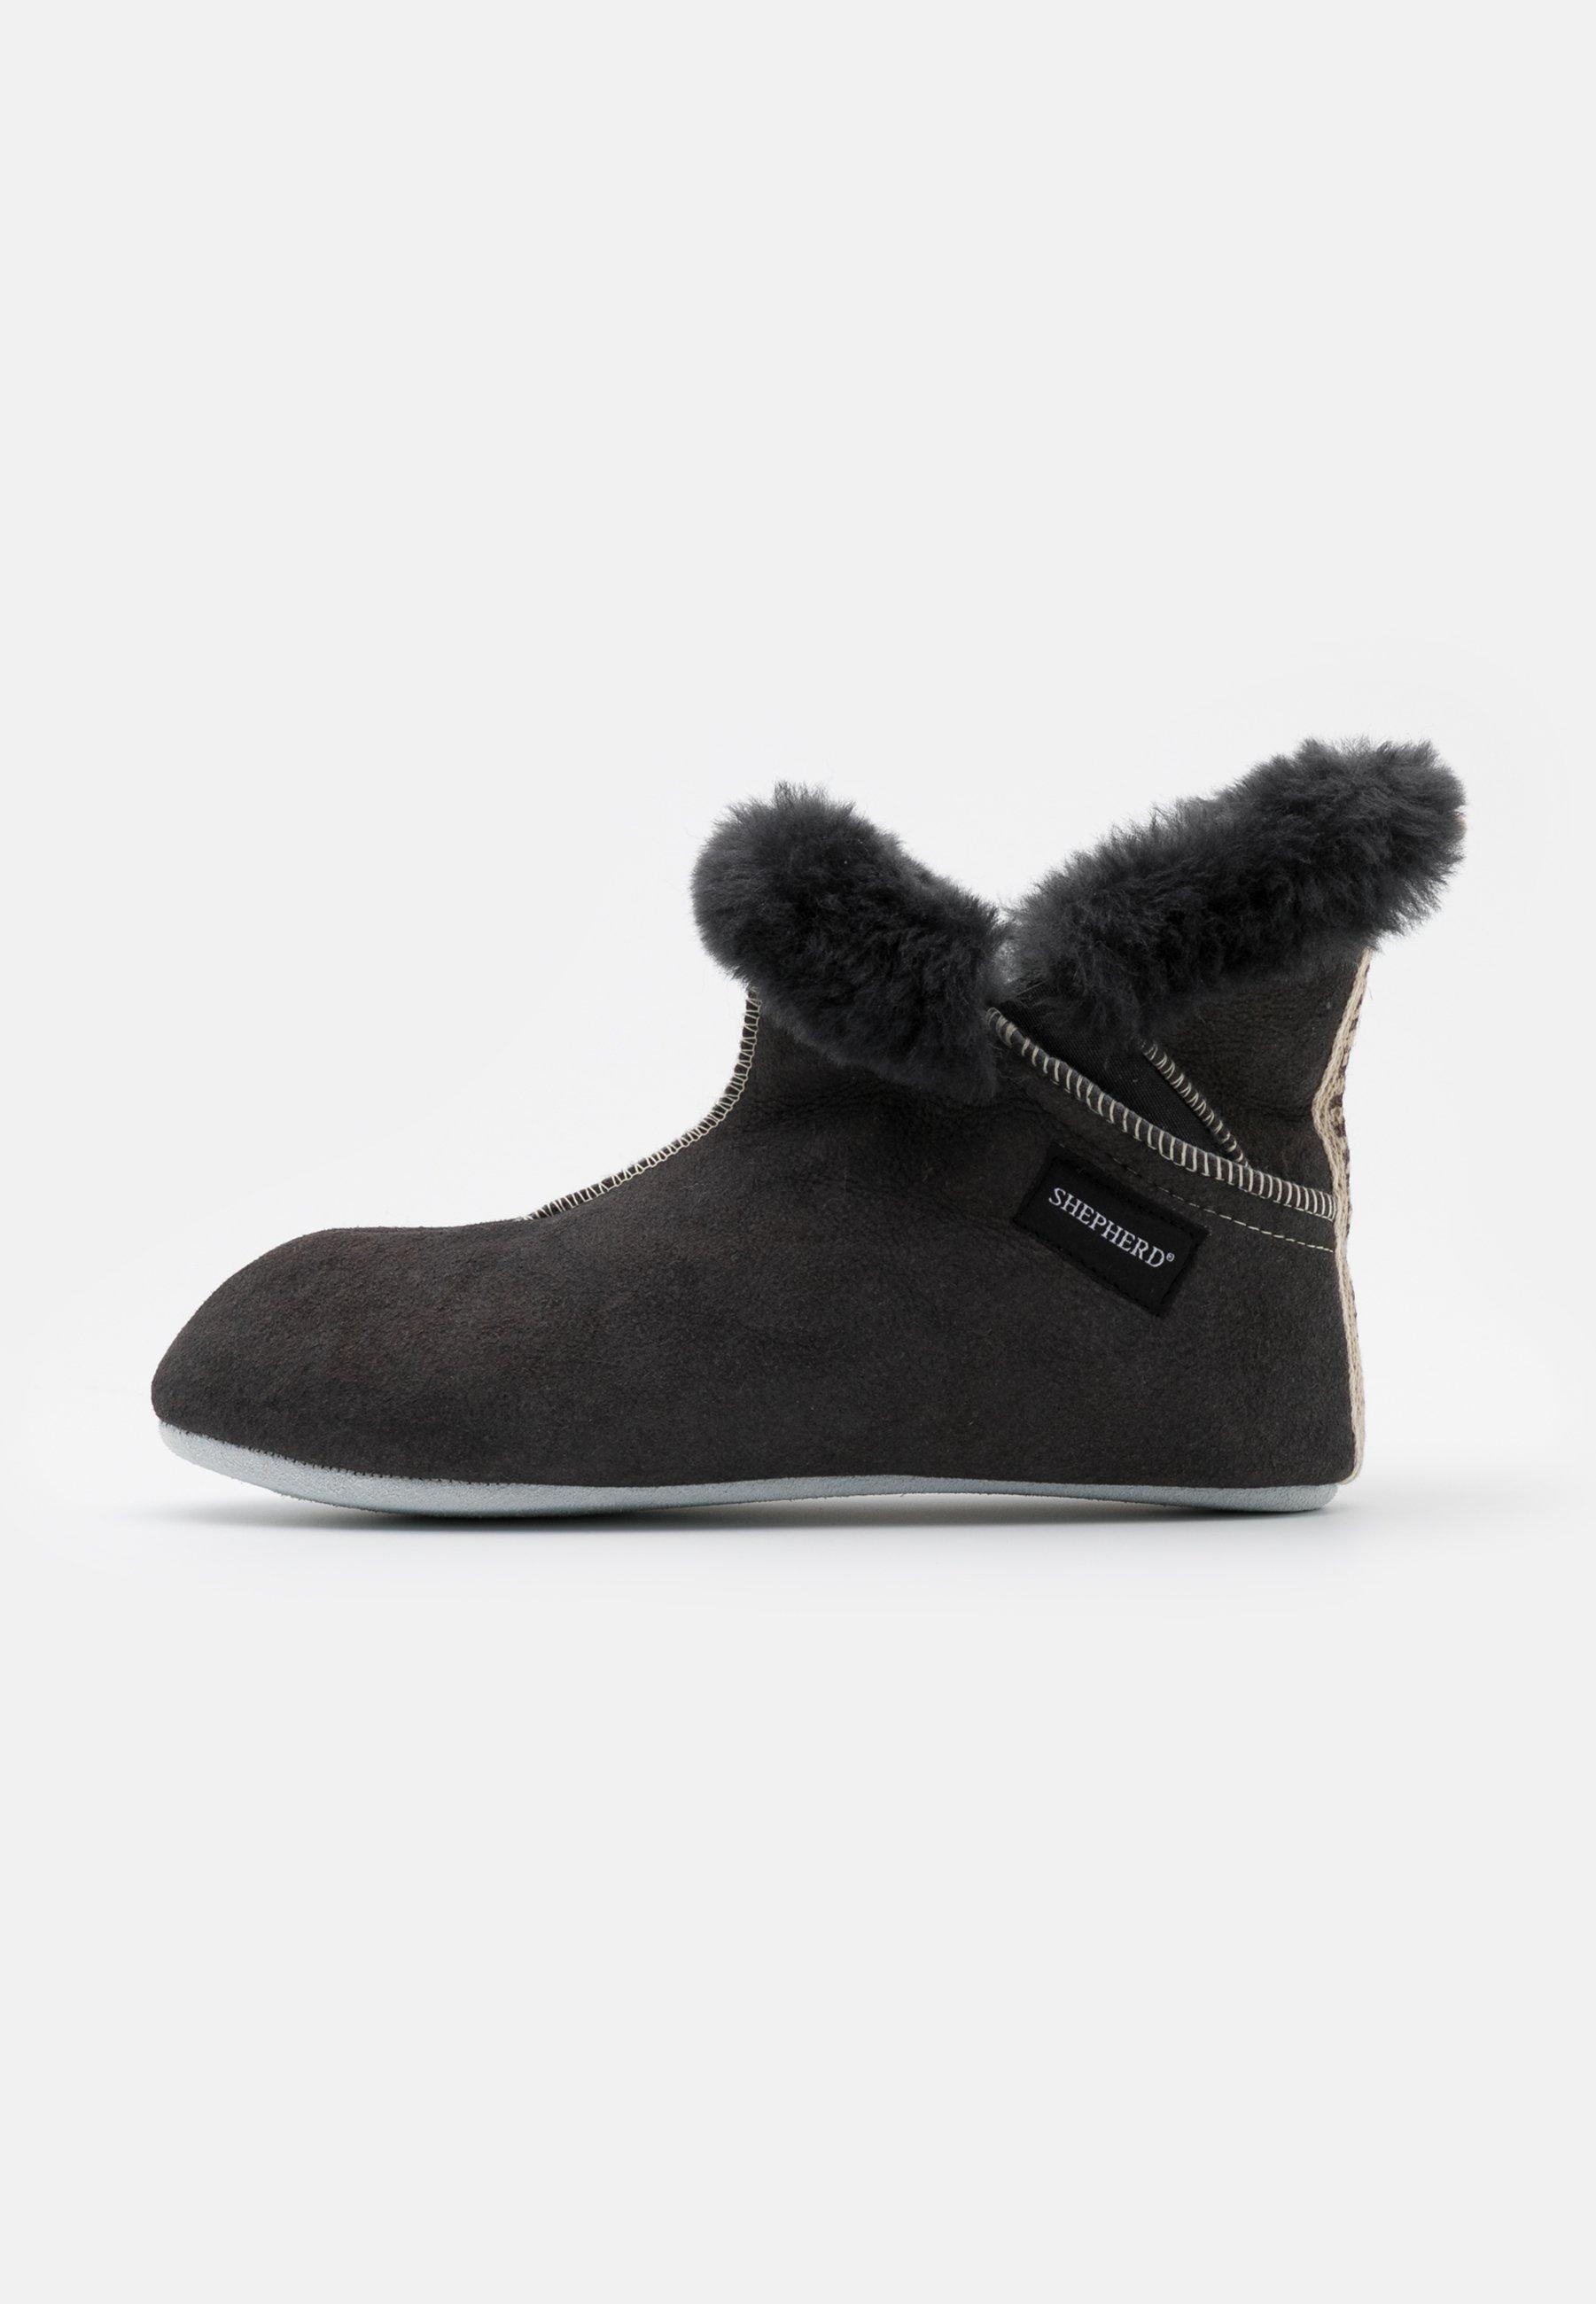 Buty damskie, męskie i dla dzieci Shepherd w ZALANDO